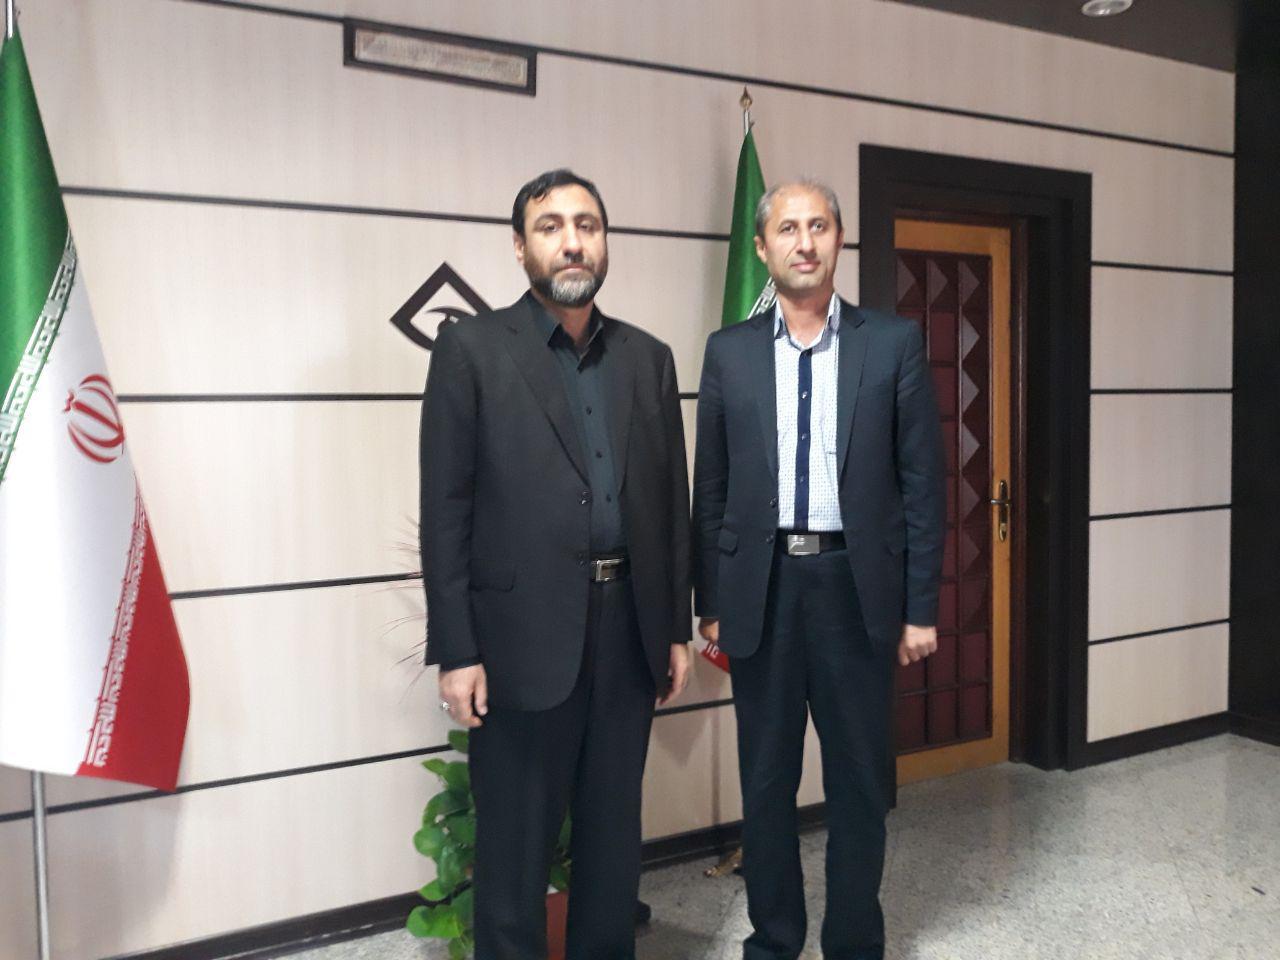 دیدار و ملاقات با مدیرکل محترم صدا و سیمای استان مازندران